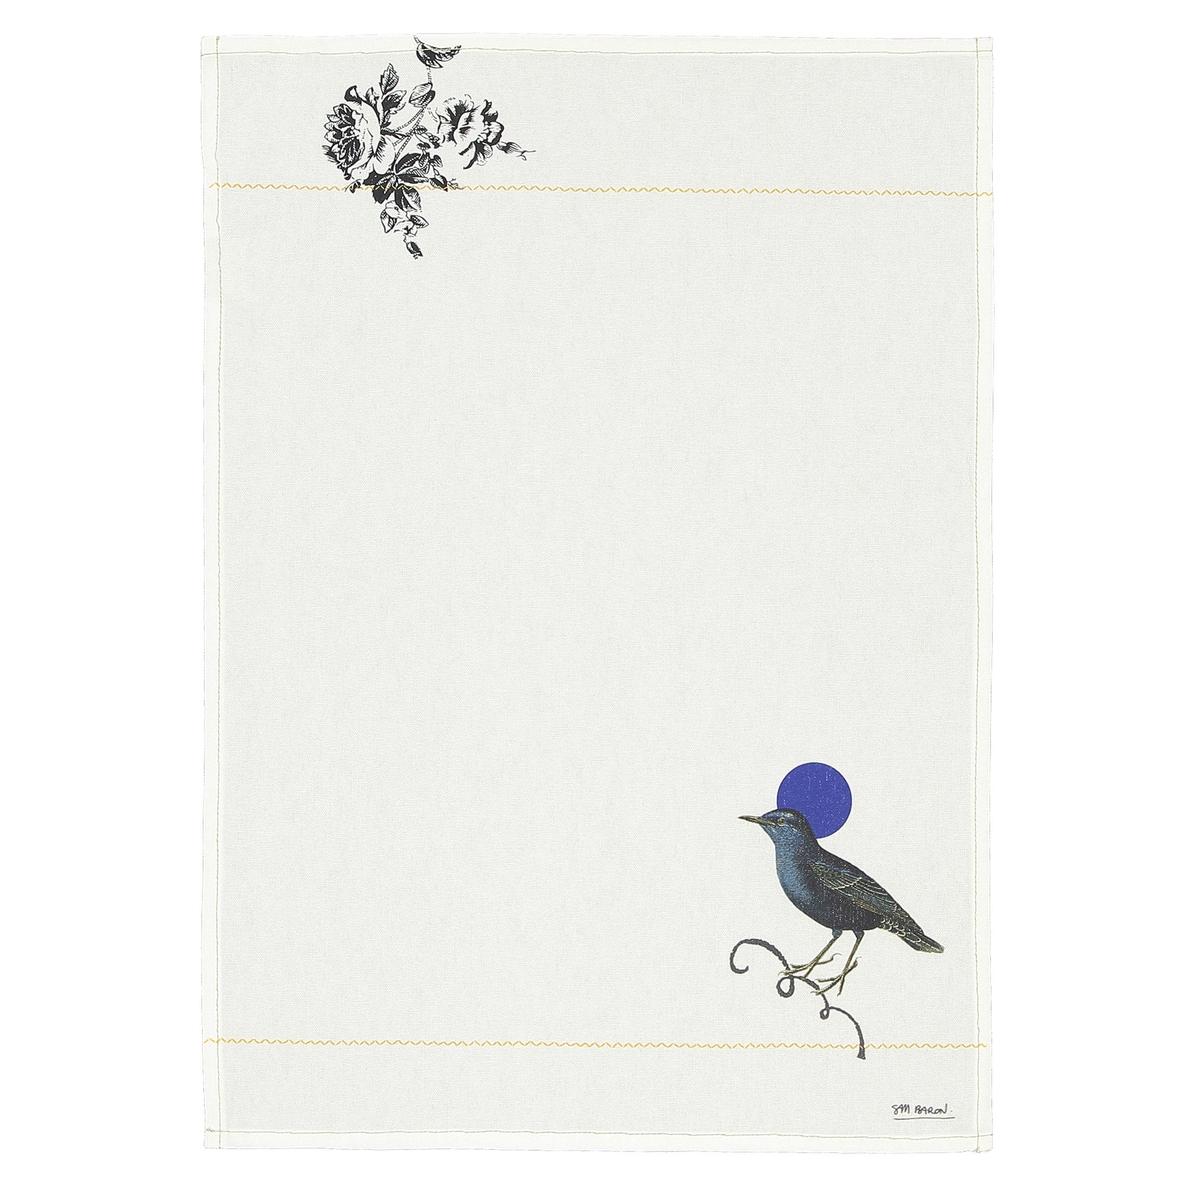 4 полотенца кухонных, SAM BARONДизайнер SAM BARON снова поделился своим талантом с La Redoute Int?rieurs .В своей коллекции, которая называется «Встречать», эксклюзивно для La Redoute Int?rieurs он с юмором и элегантностью интерпретировал линию предметов декора . Эстетические коды с сюрреалистическим акцентом отражают ироничный и поэтичный взгляд на мир Дома !Характеристики 4 кухонных полотенец Sam Baron :- 100% хлопок- Цифровой рисунок, 4 различных узора- Подрубленные края- Золотистая прострочка- Стирка при 40°Размеры 4 кухонных полотенец Sam Baron :- 50 x 70 см<br><br>Цвет: белый наб.рисунок